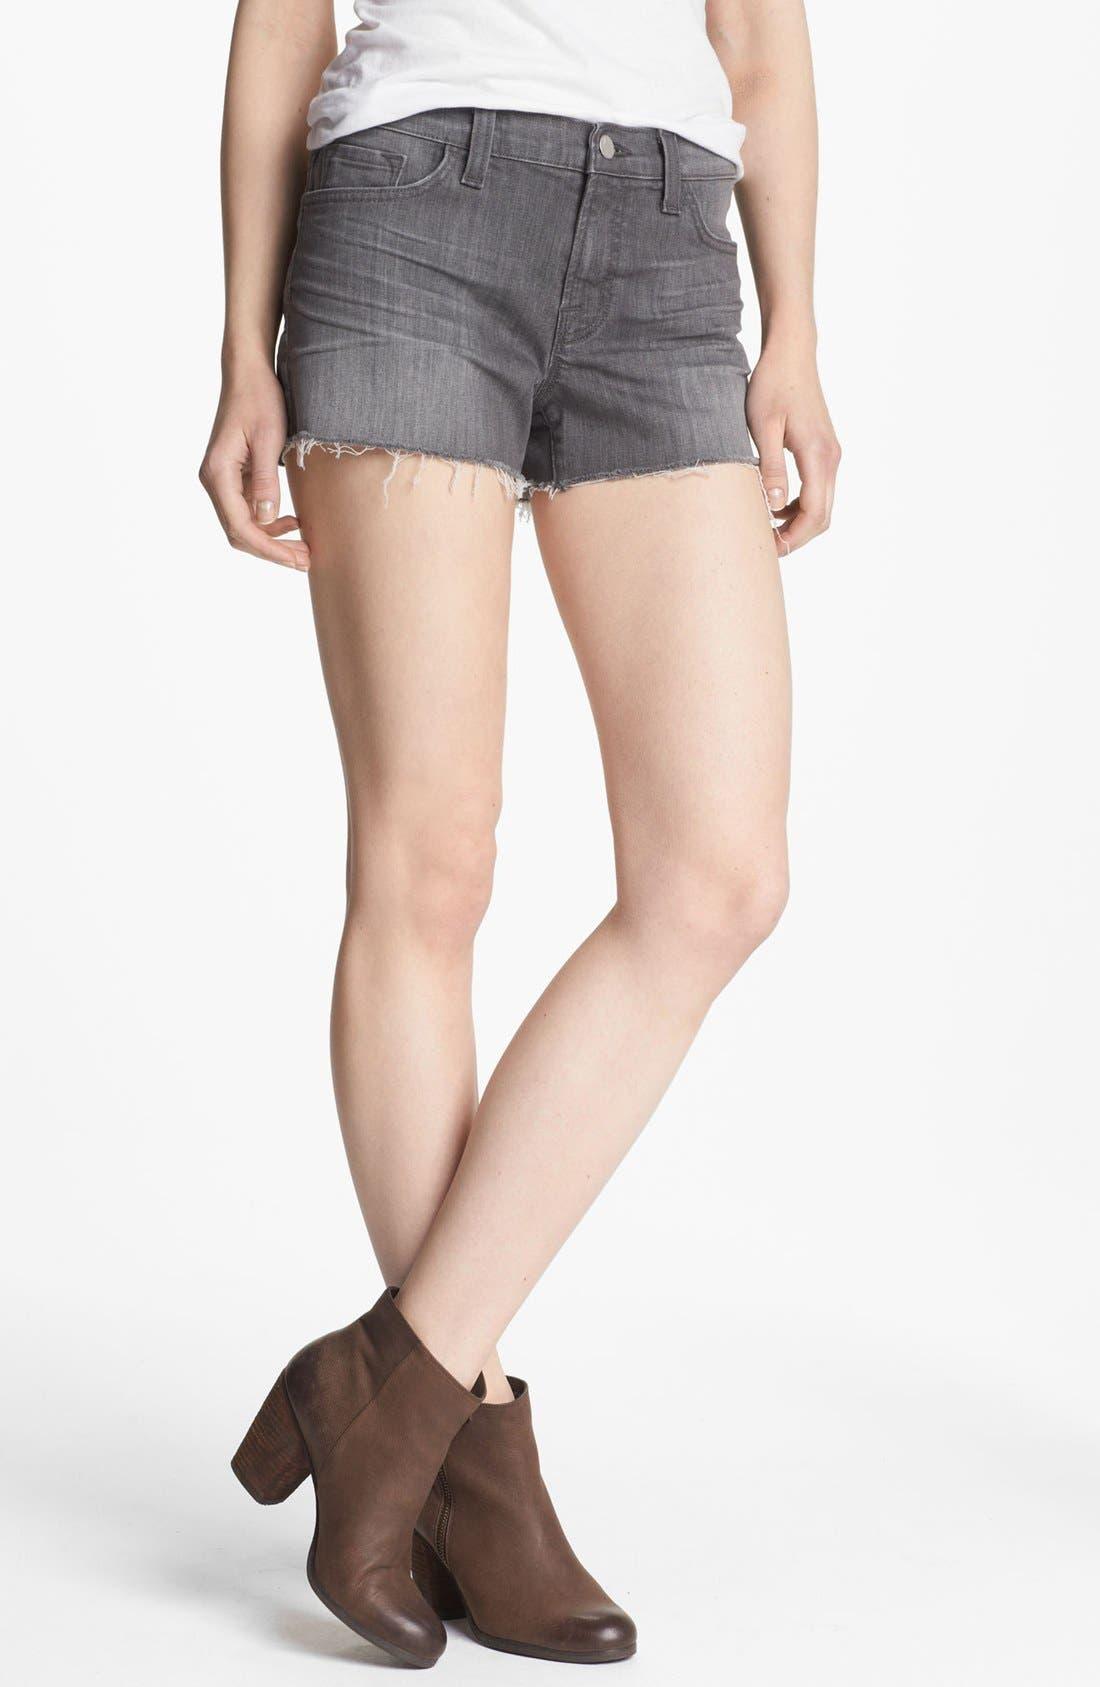 J BRAND Cutoff Denim Shorts, Main, color, 020